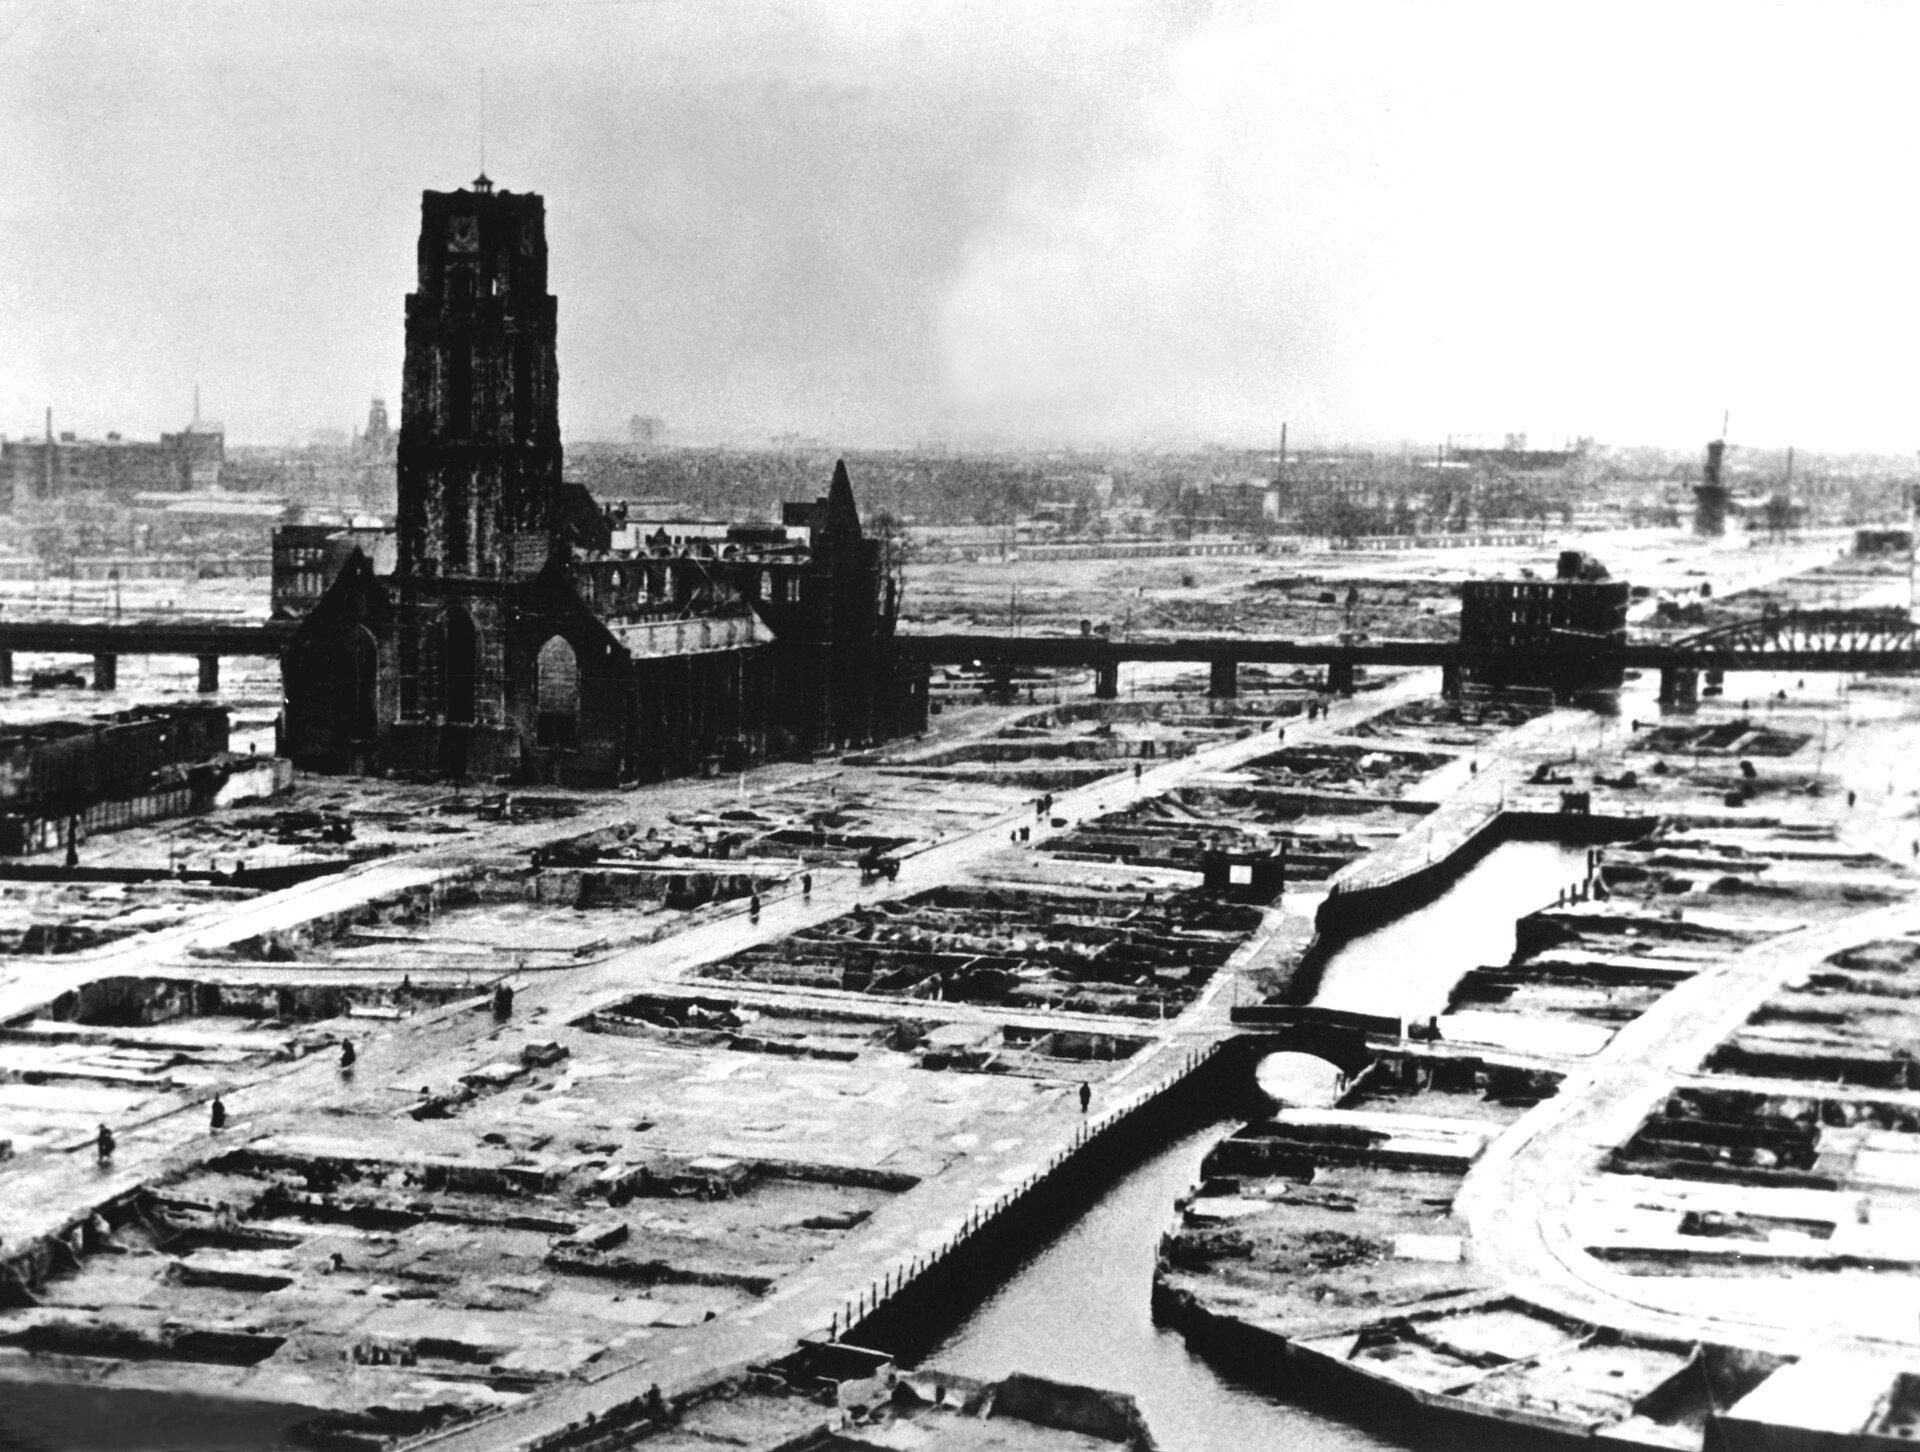 Rotterdampo niemieckim nalocie dywanowym wmaju 1940 roku Rotterdampo niemieckim nalocie dywanowym wmaju 1940 roku Źródło: domena publiczna.